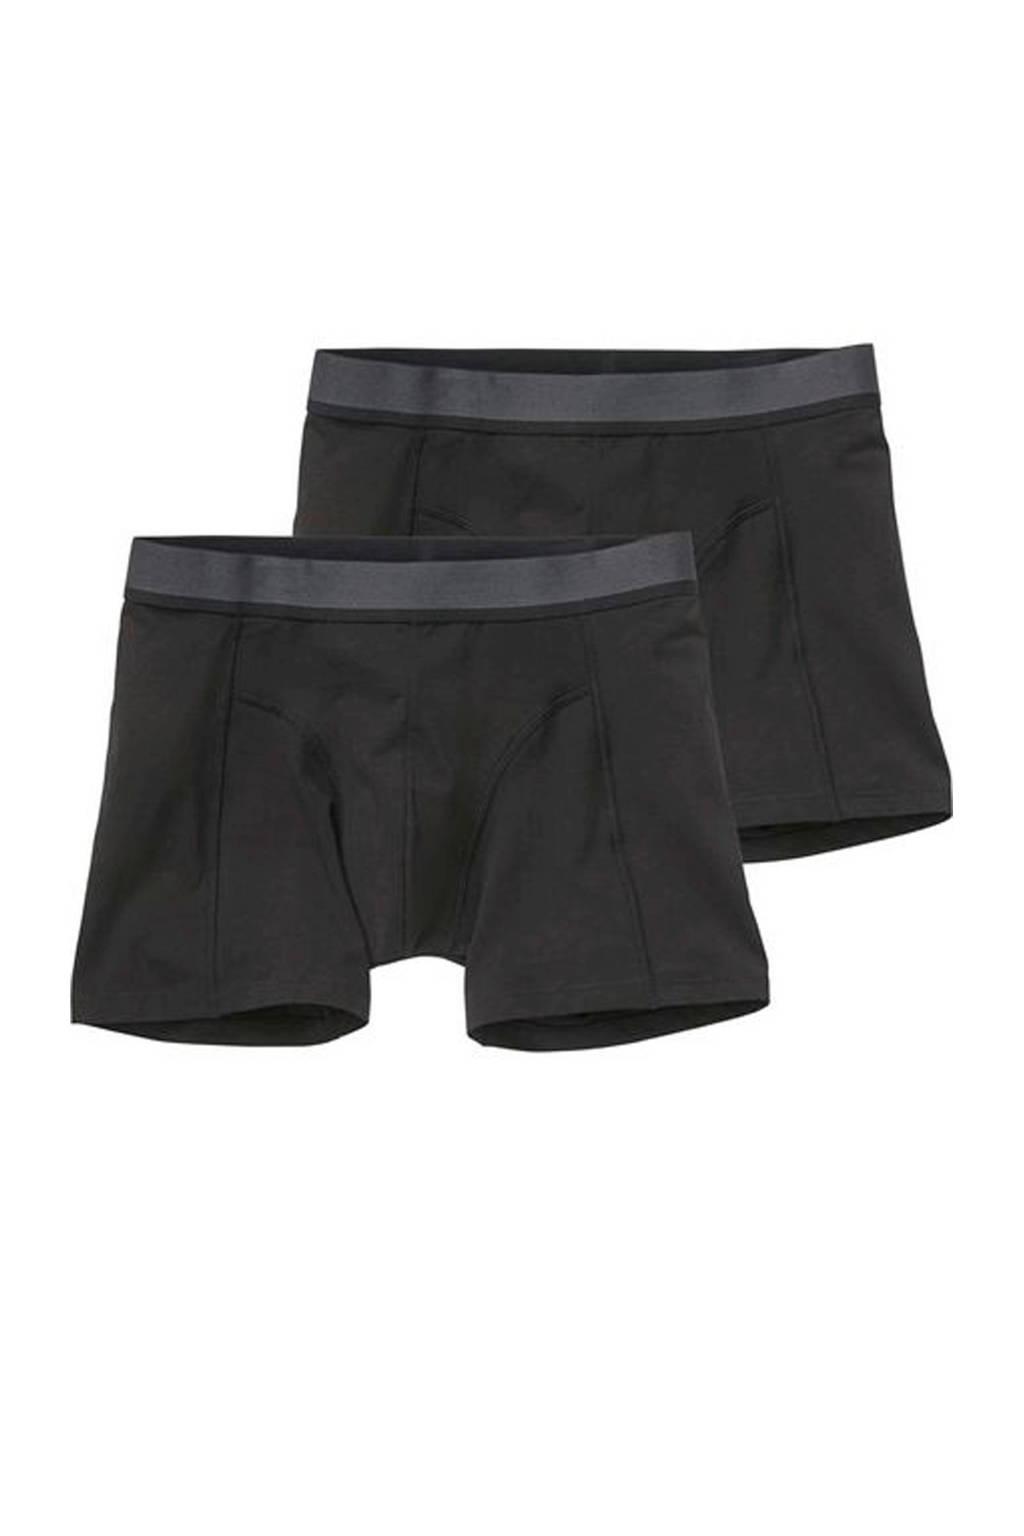 HEMA boxershort met bamboo (set van 2), Zwart